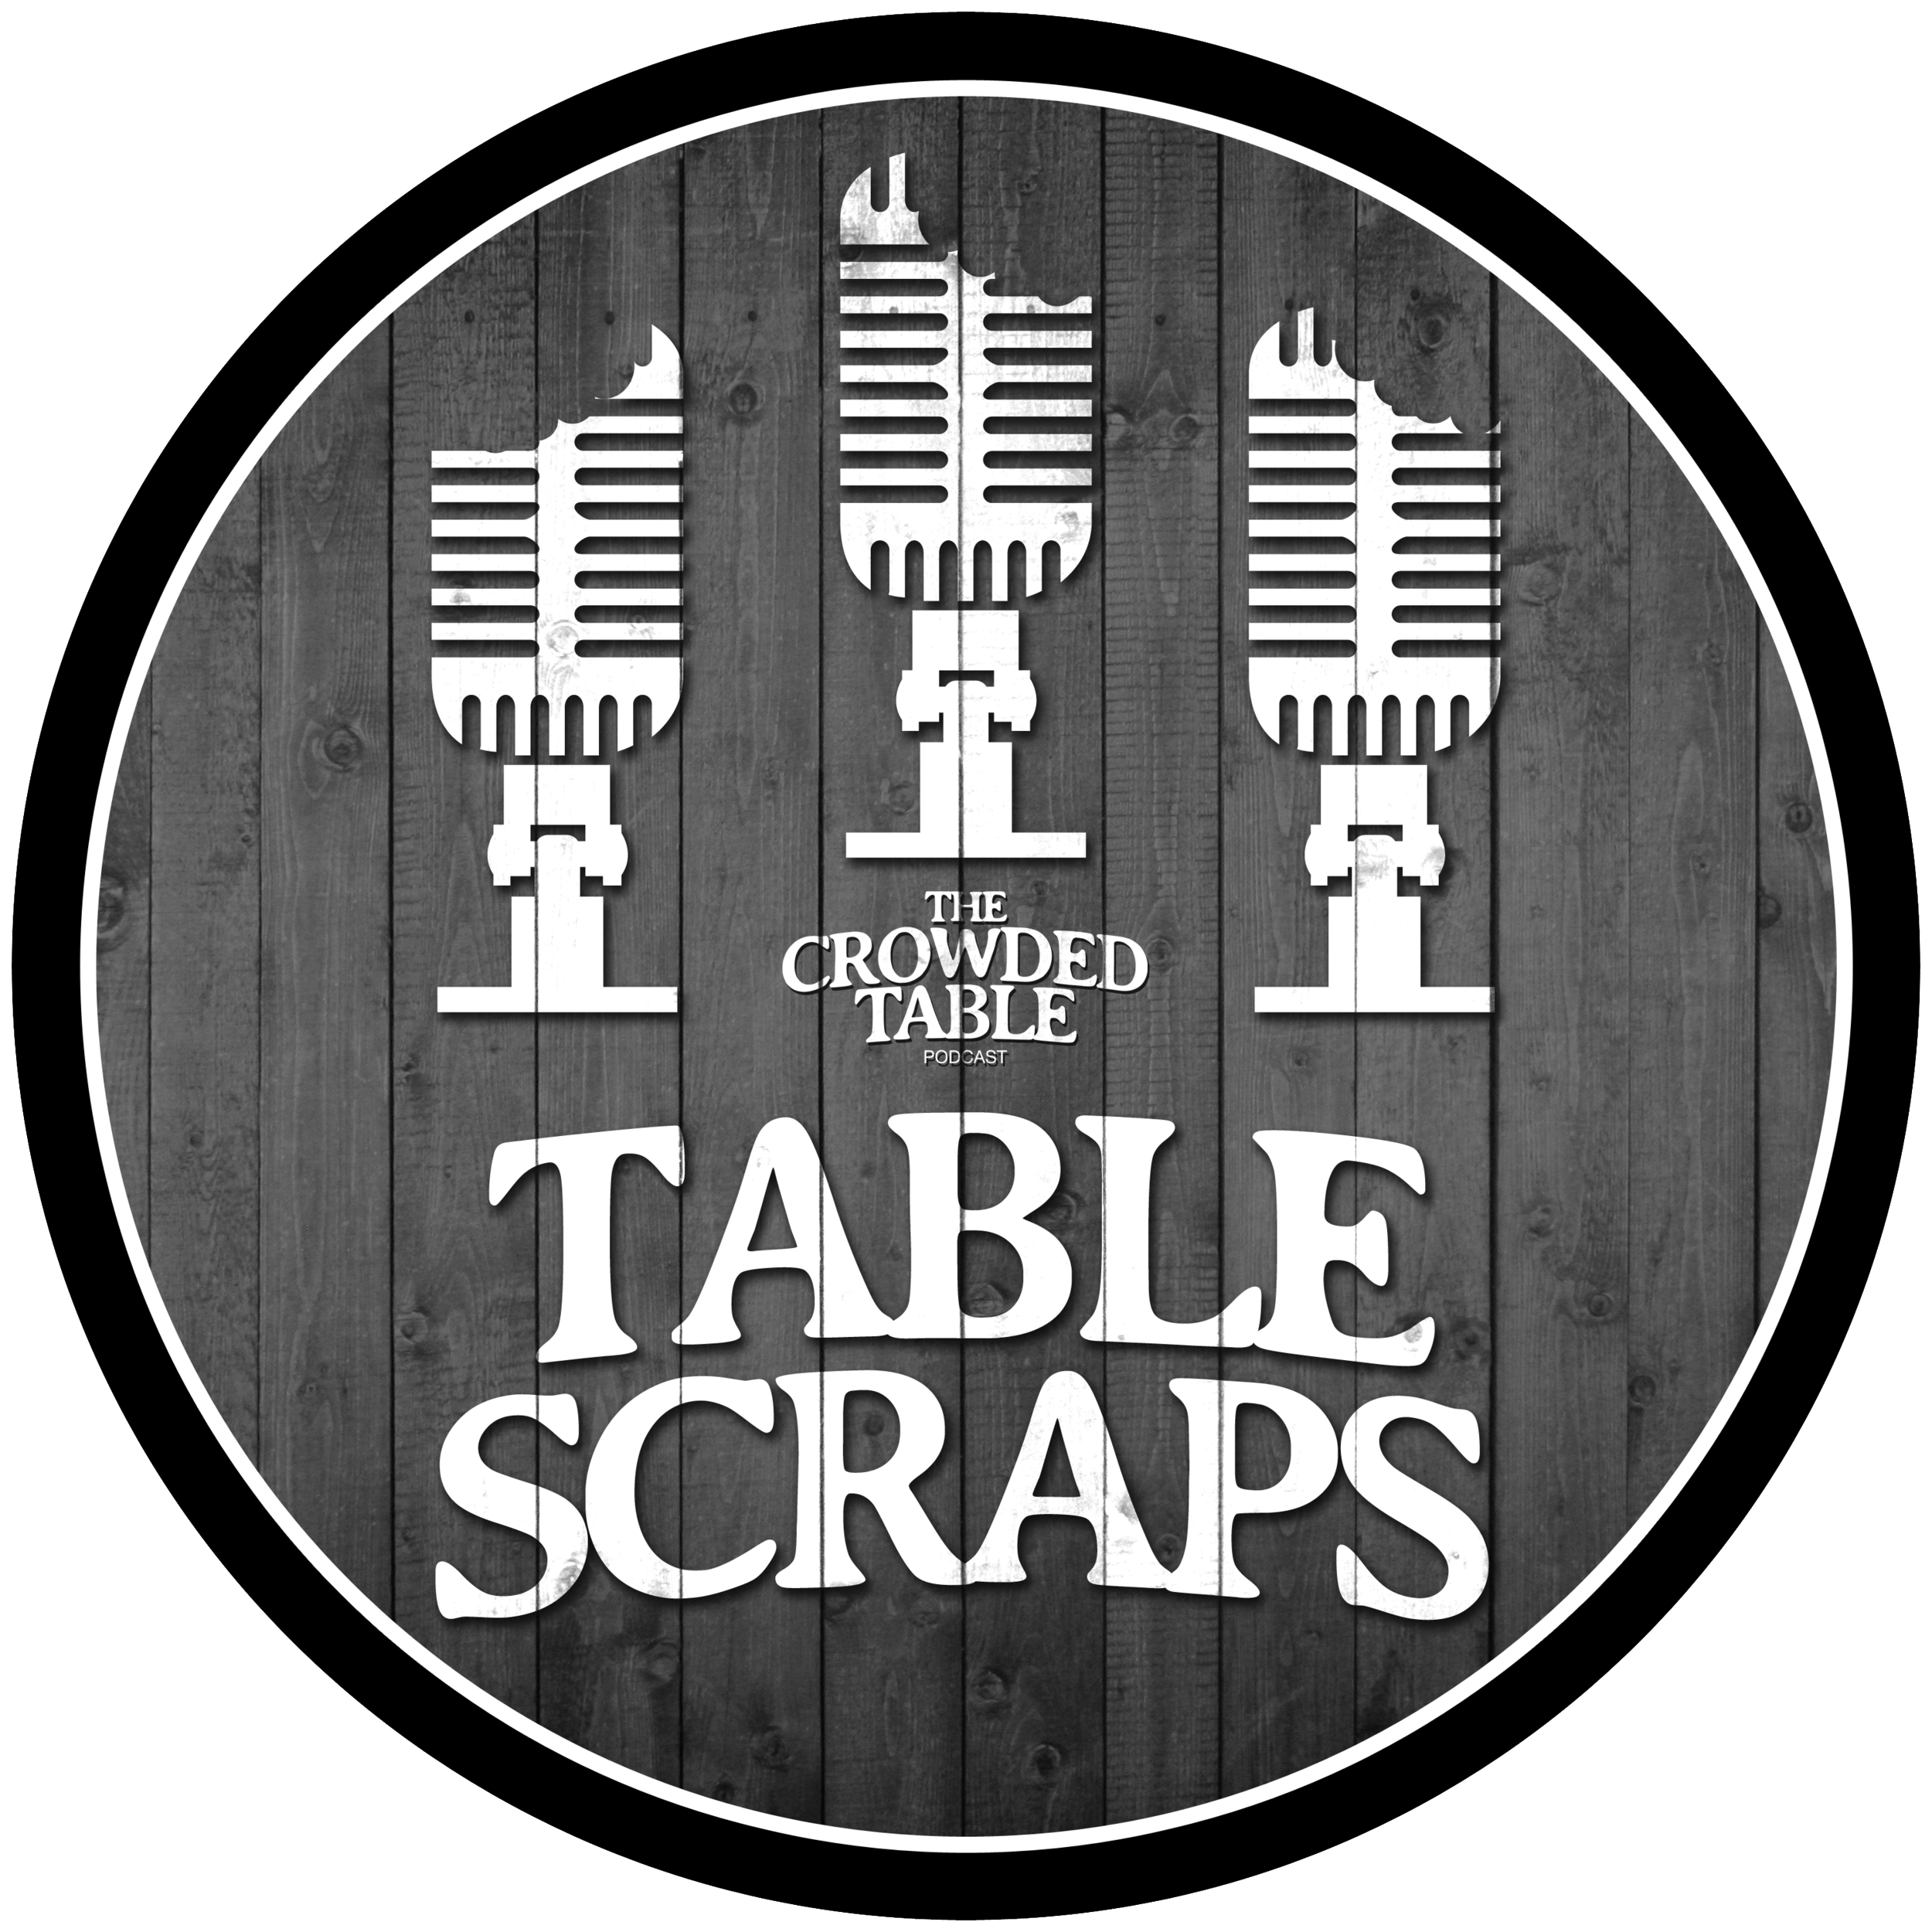 Tablescraps.jpg